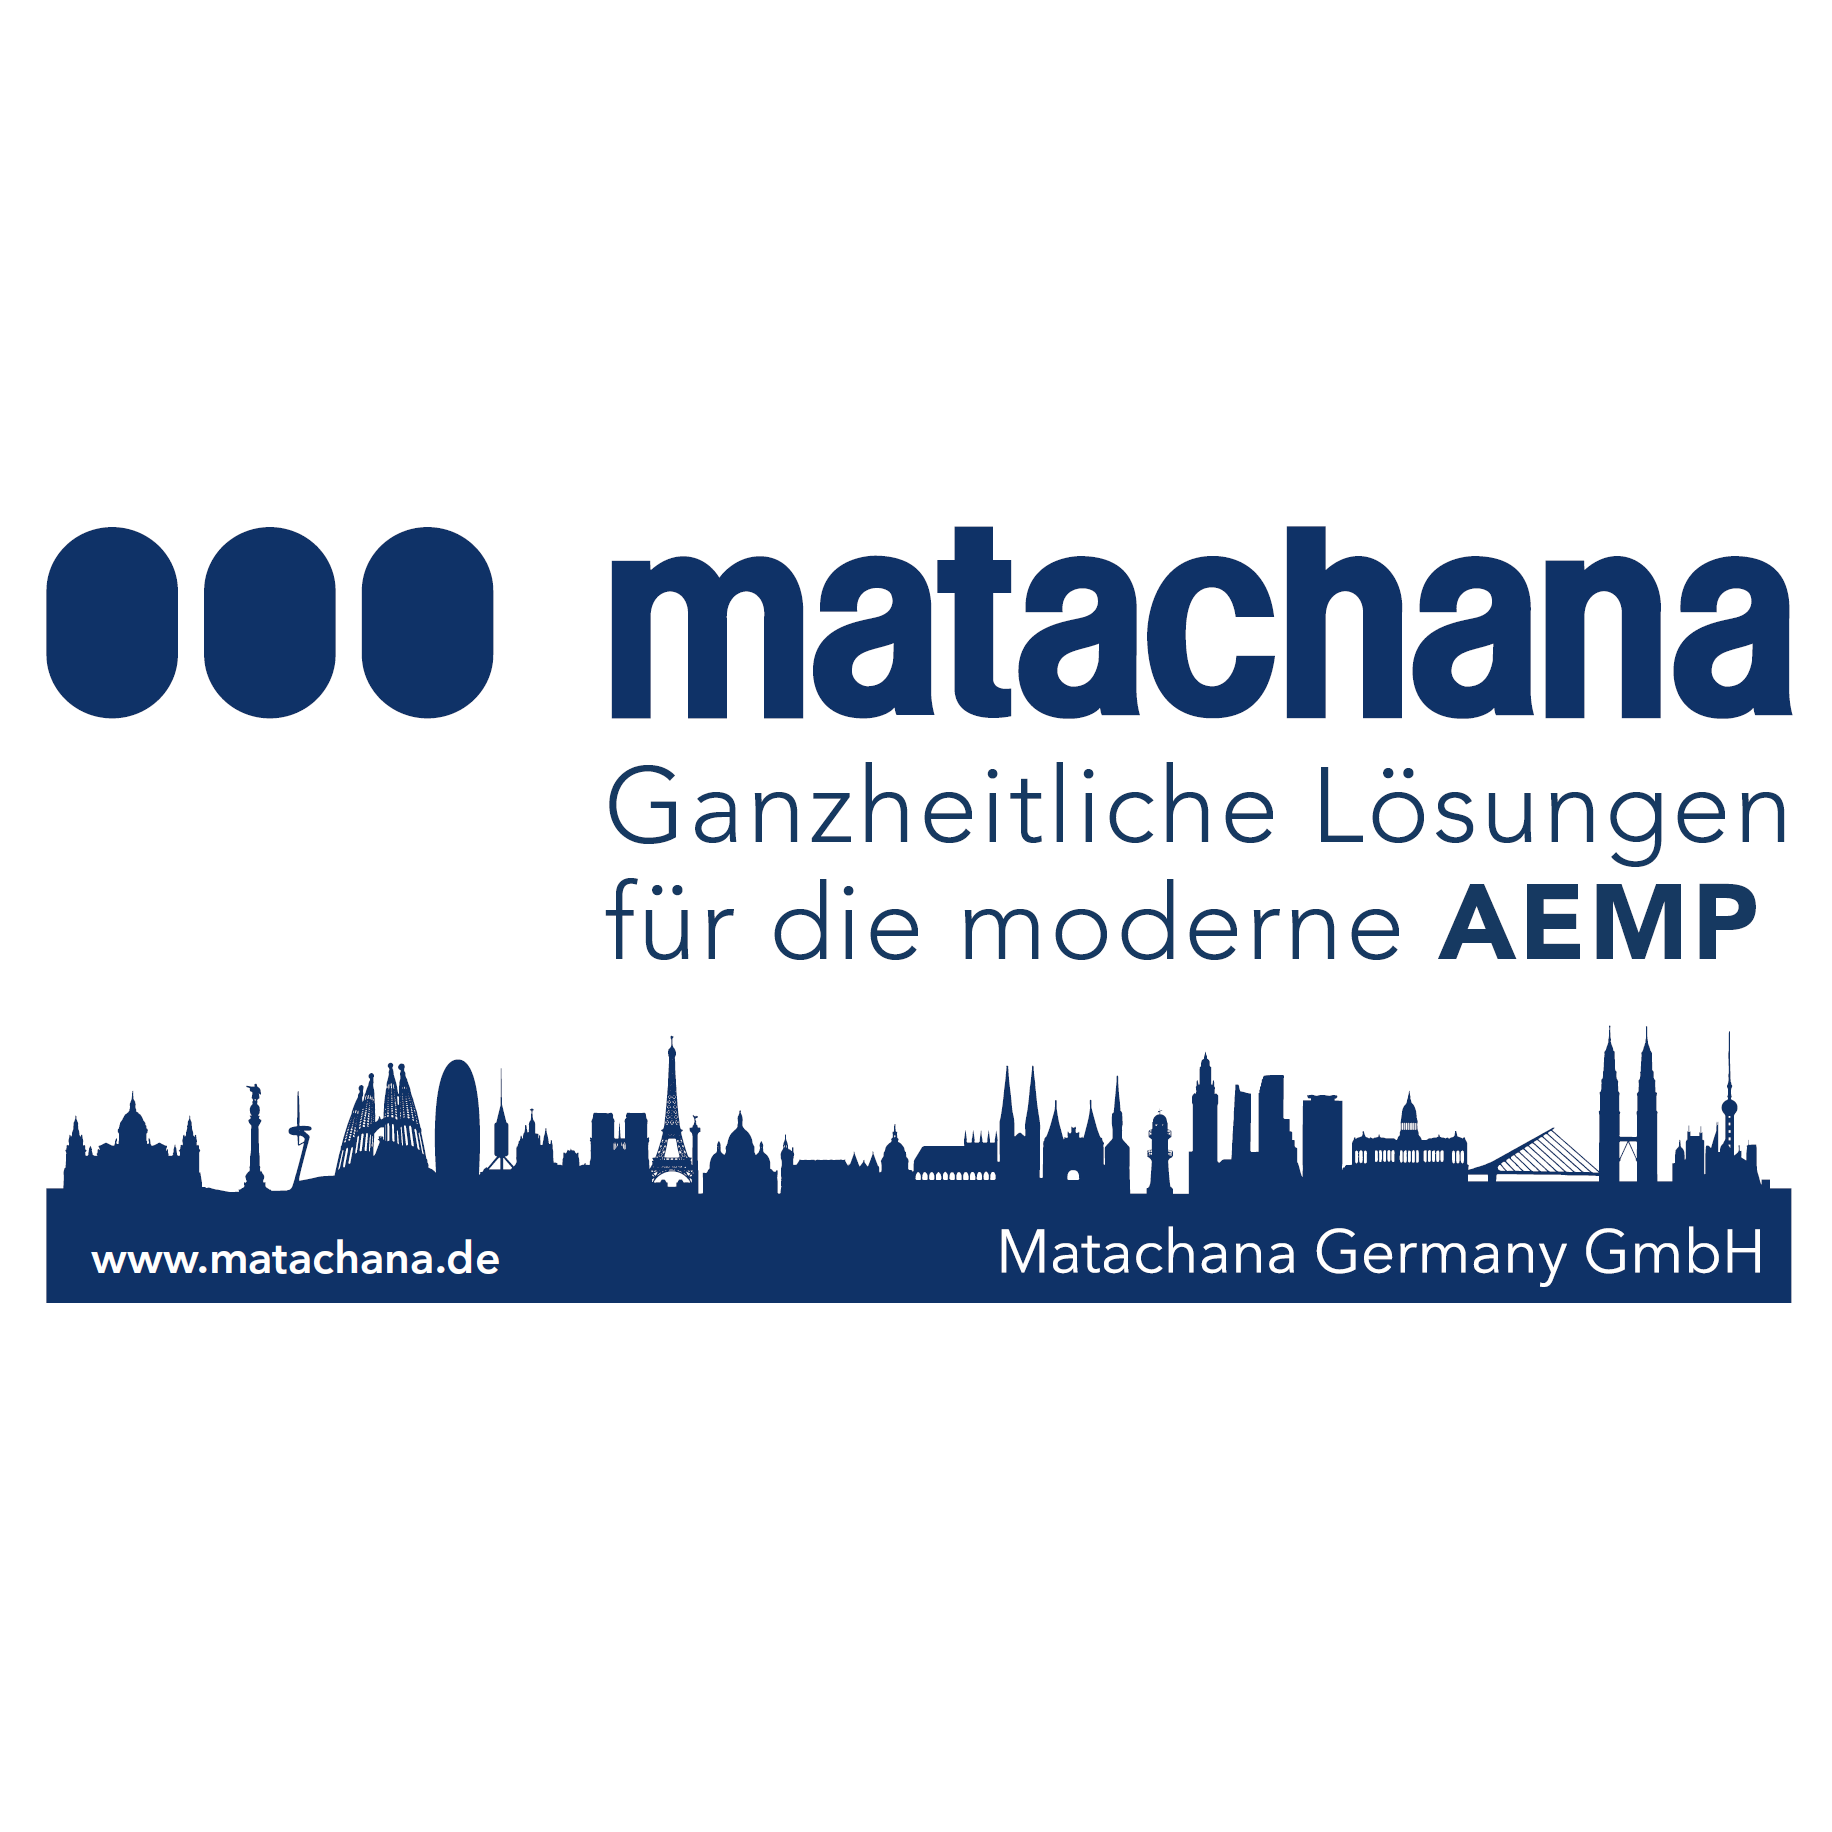 Matachana Group